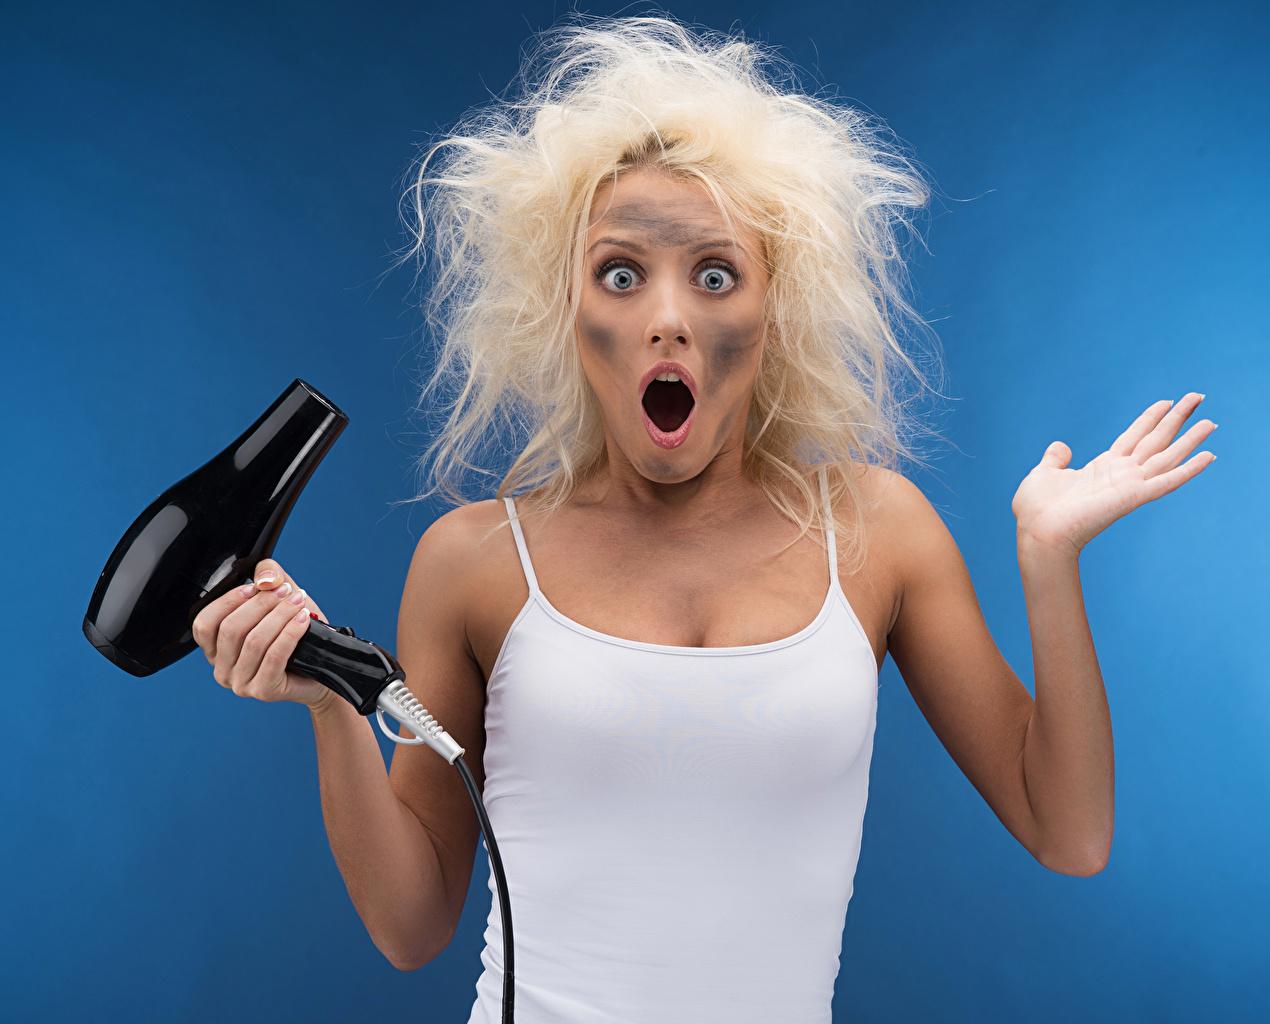 Фотографии Смешные Блондинка Удивление Волосы Девушки Руки Цветной фон Юмор эмоции изумление